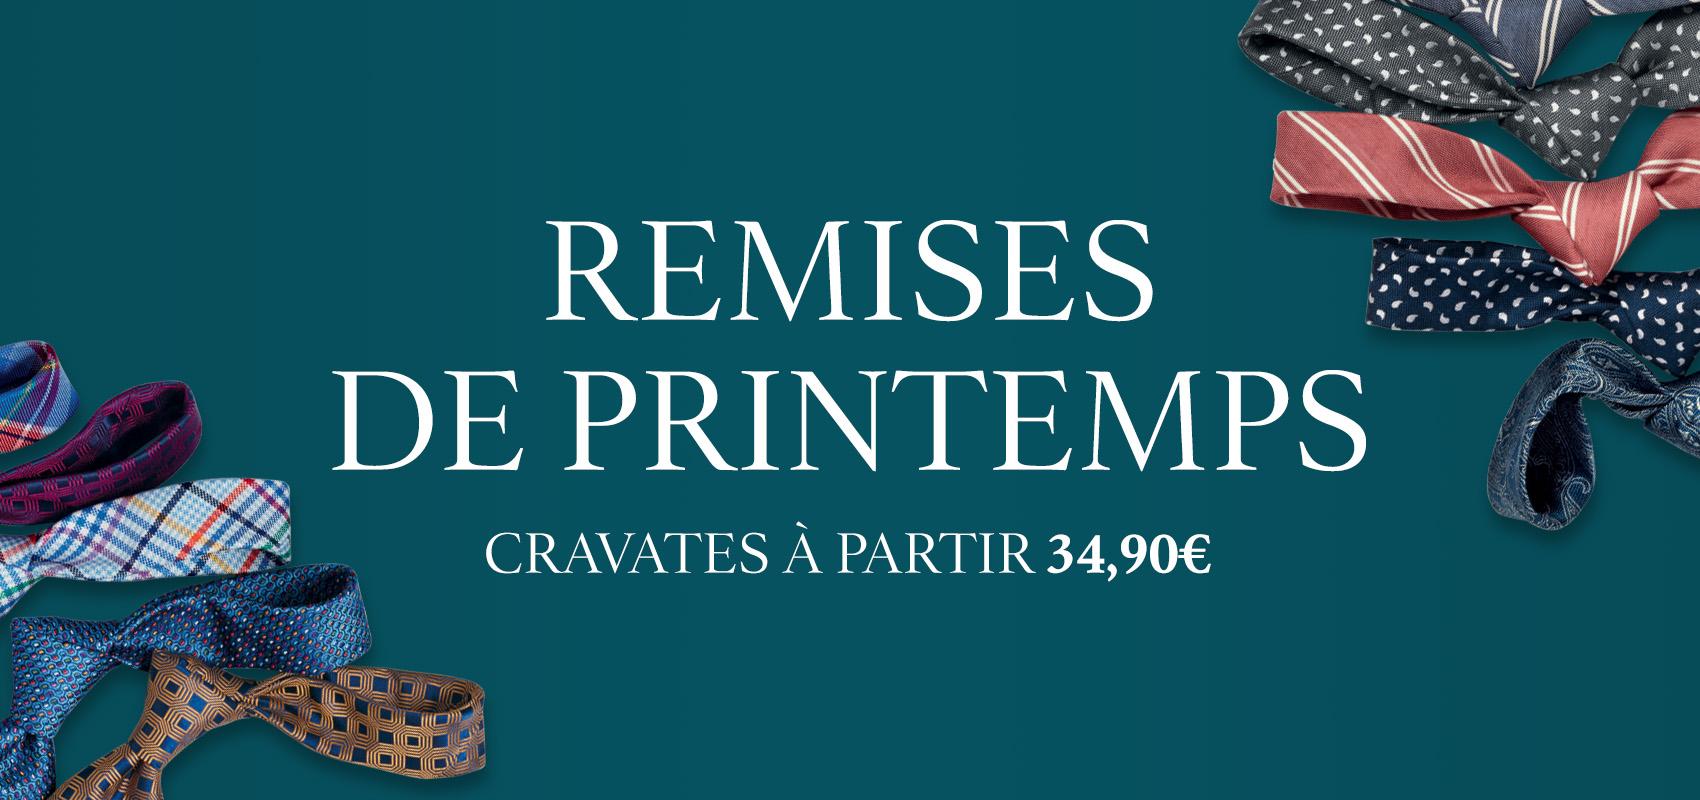 Charles Tyrwhitt cravates - rèductions, cravates à partir 34,90€